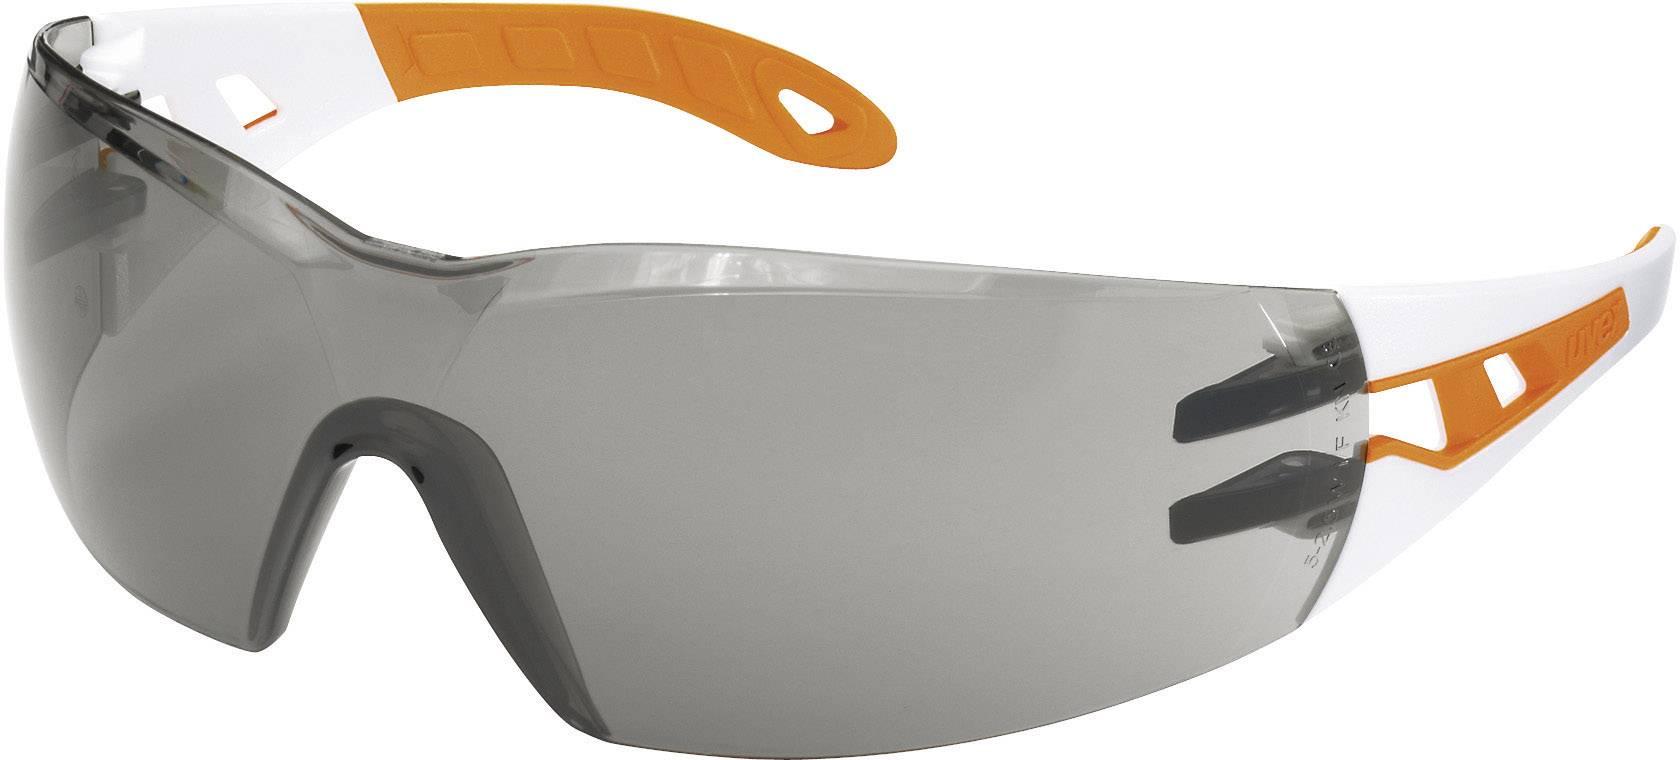 Ochranné okuliare Uvex Pheos, biele/oranžové